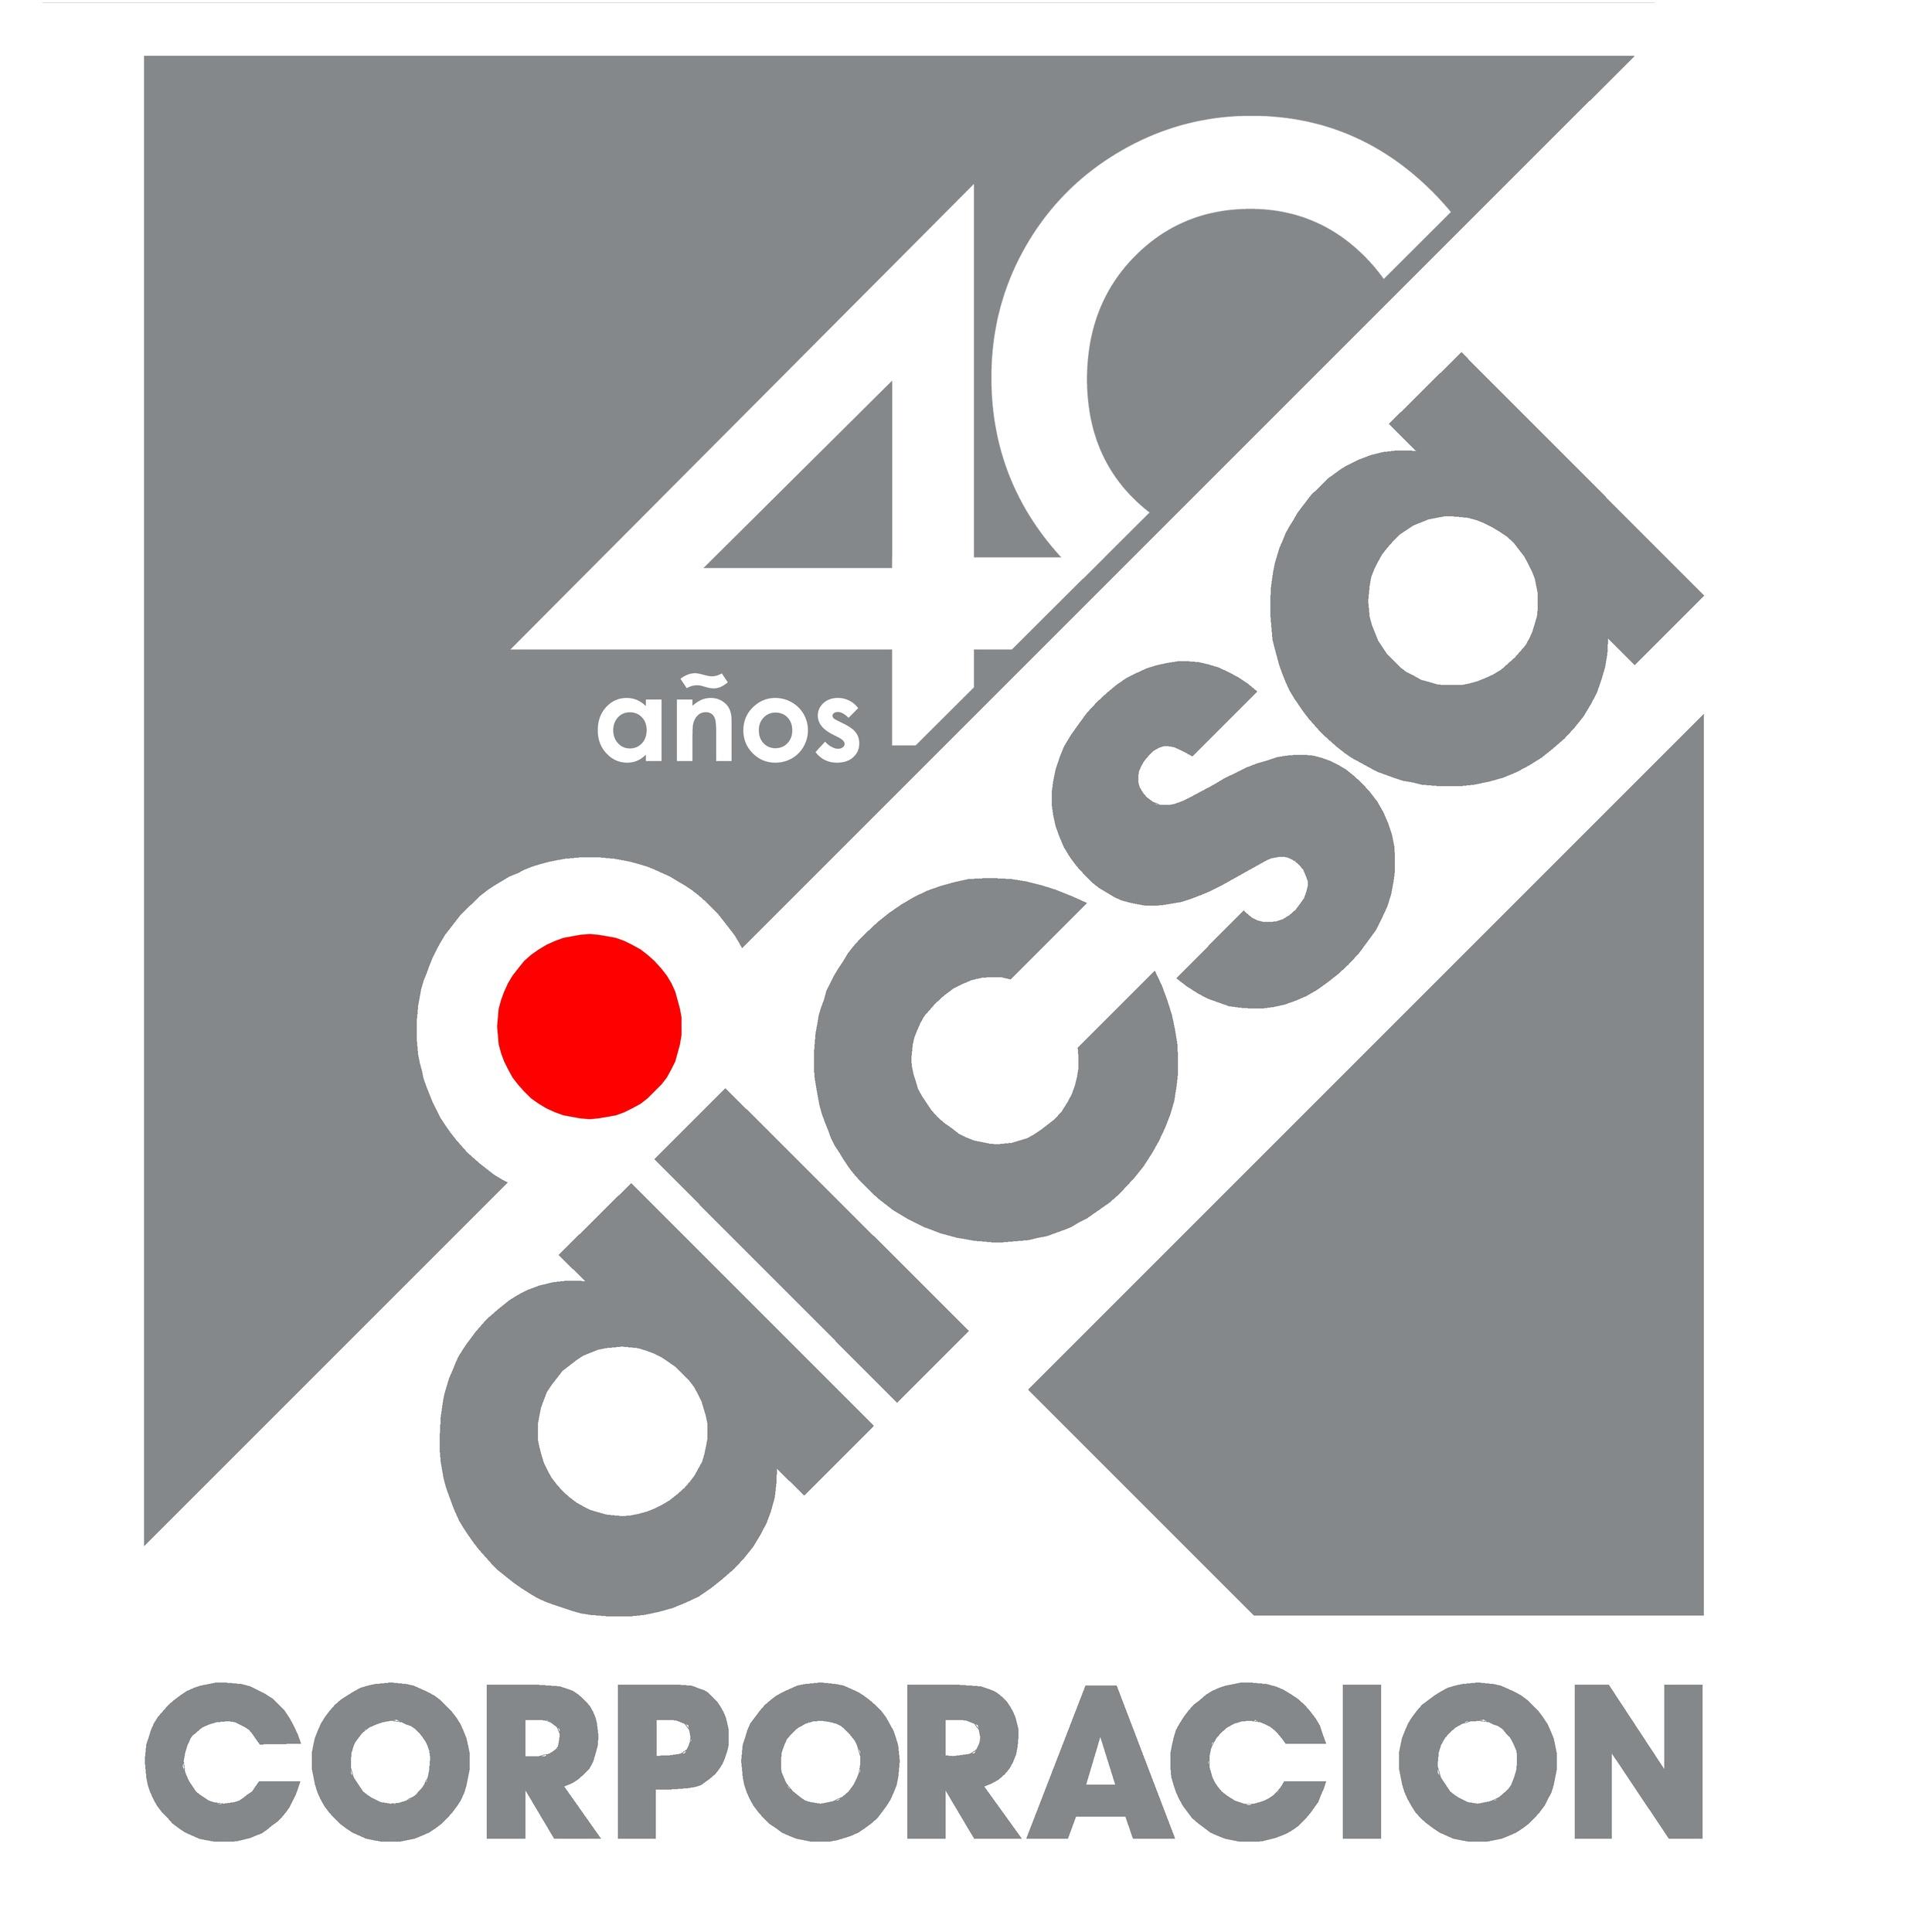 Logo-Aicsa-40-años.jpg